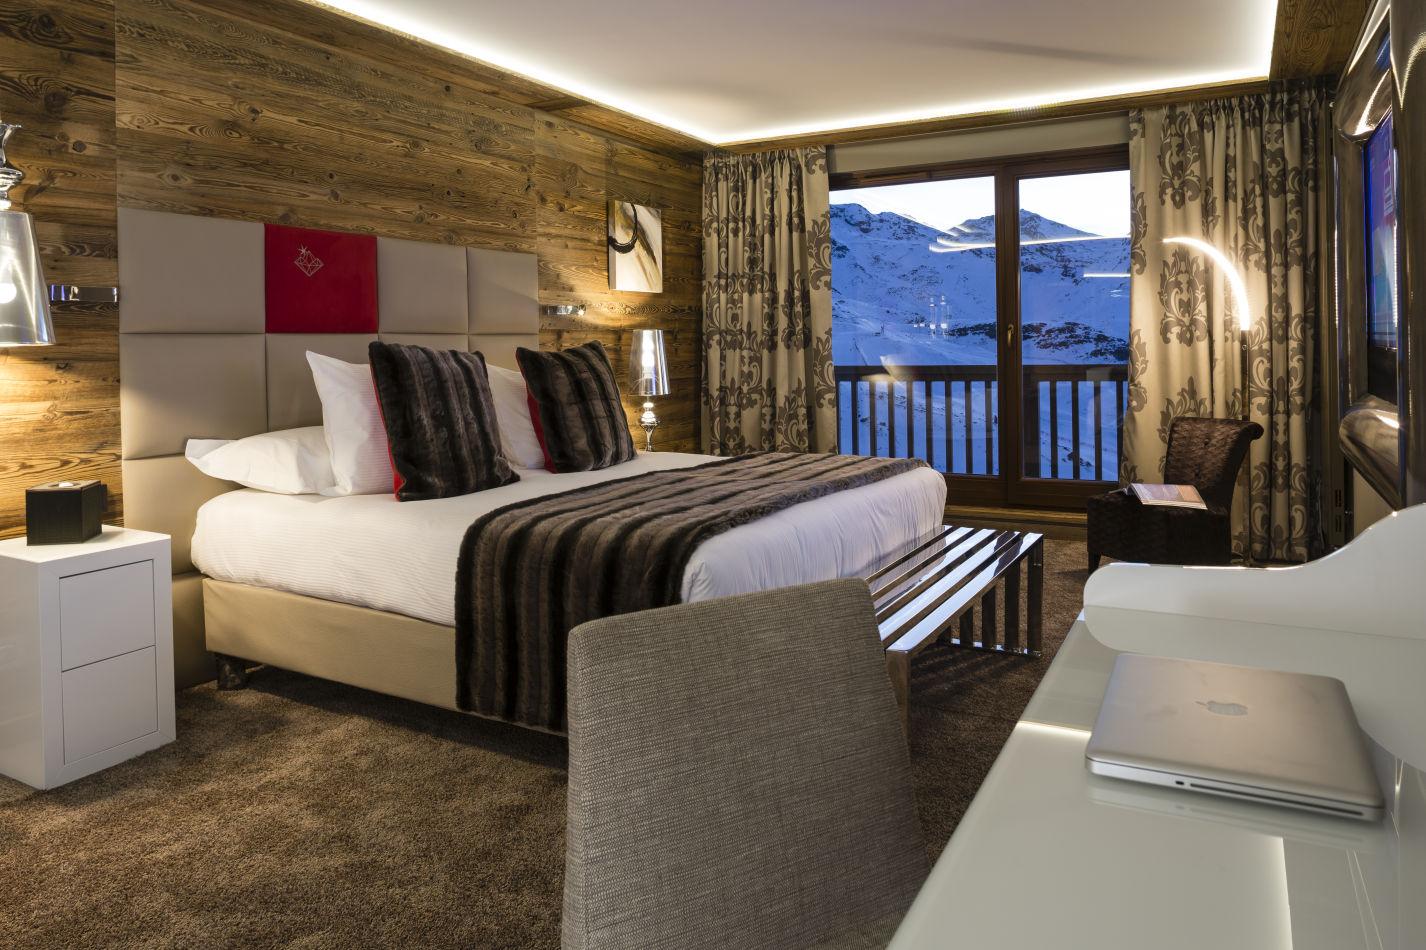 luxury-room-36-m%c2%b2